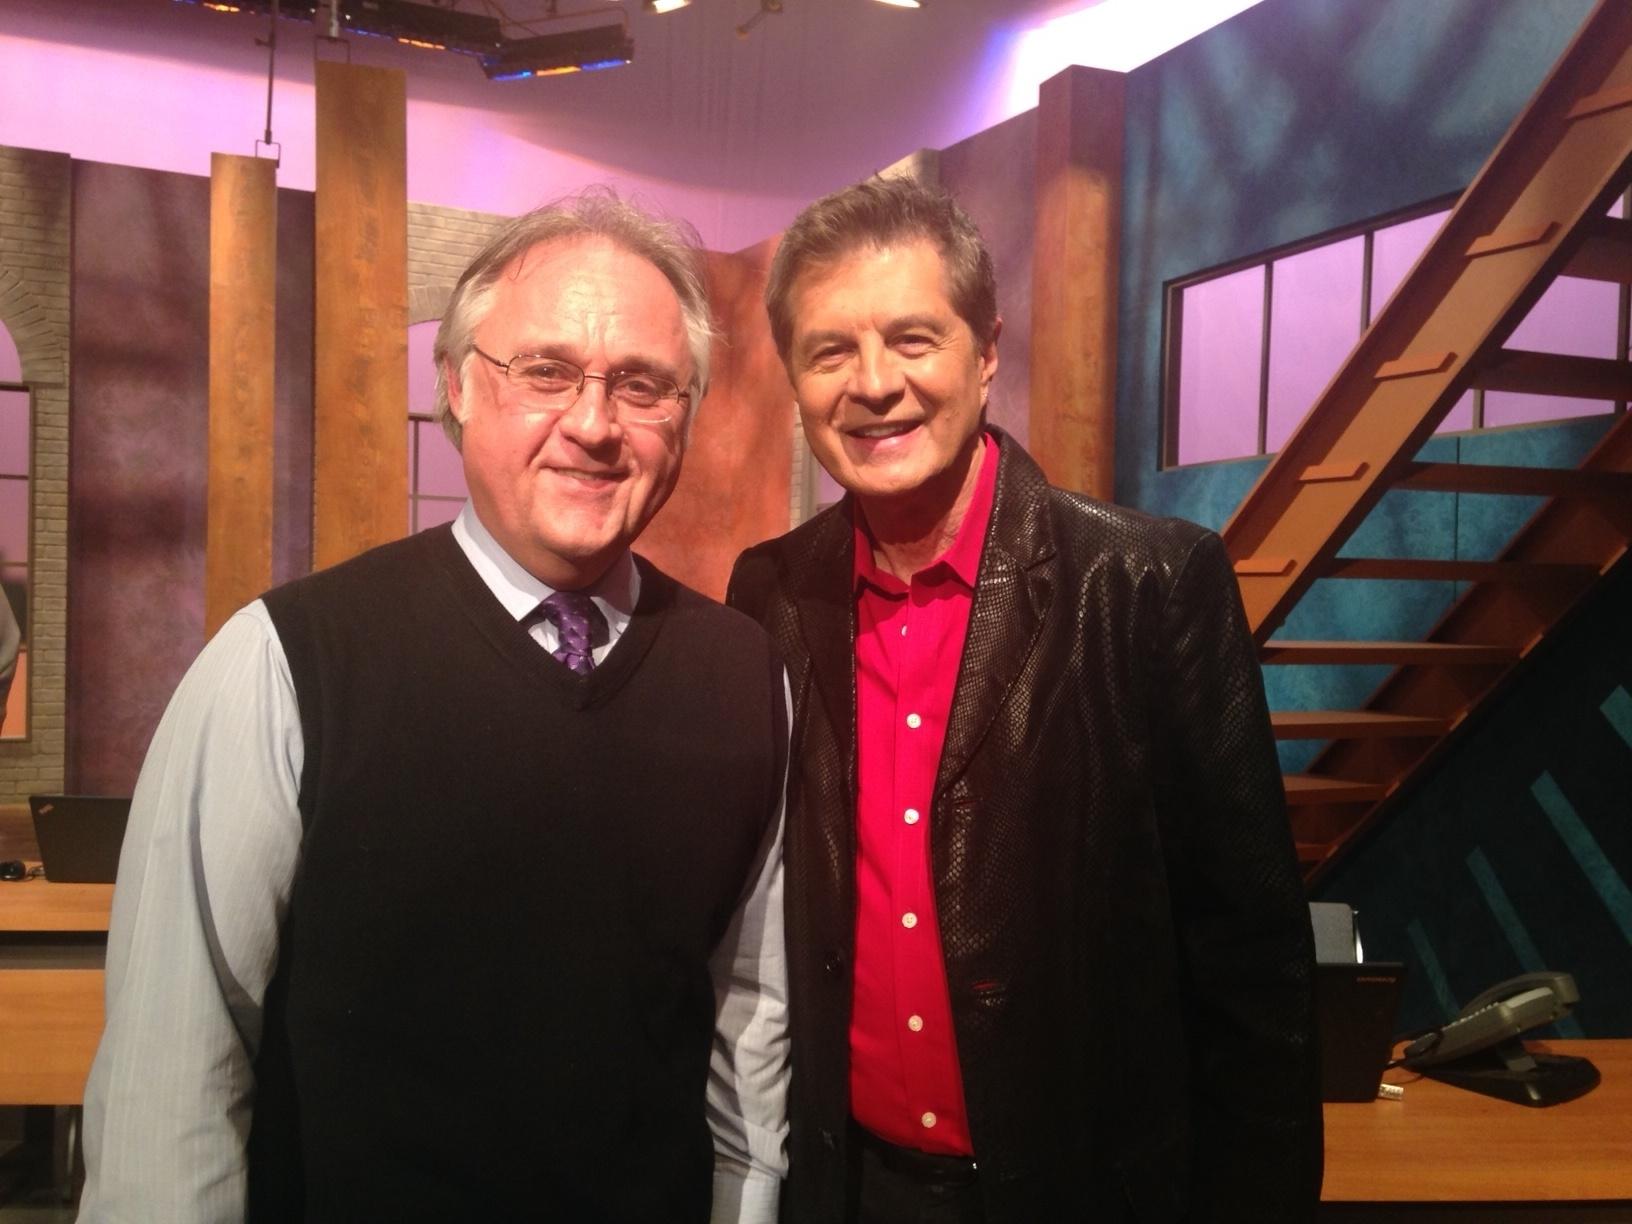 Dale and Carl.JPG